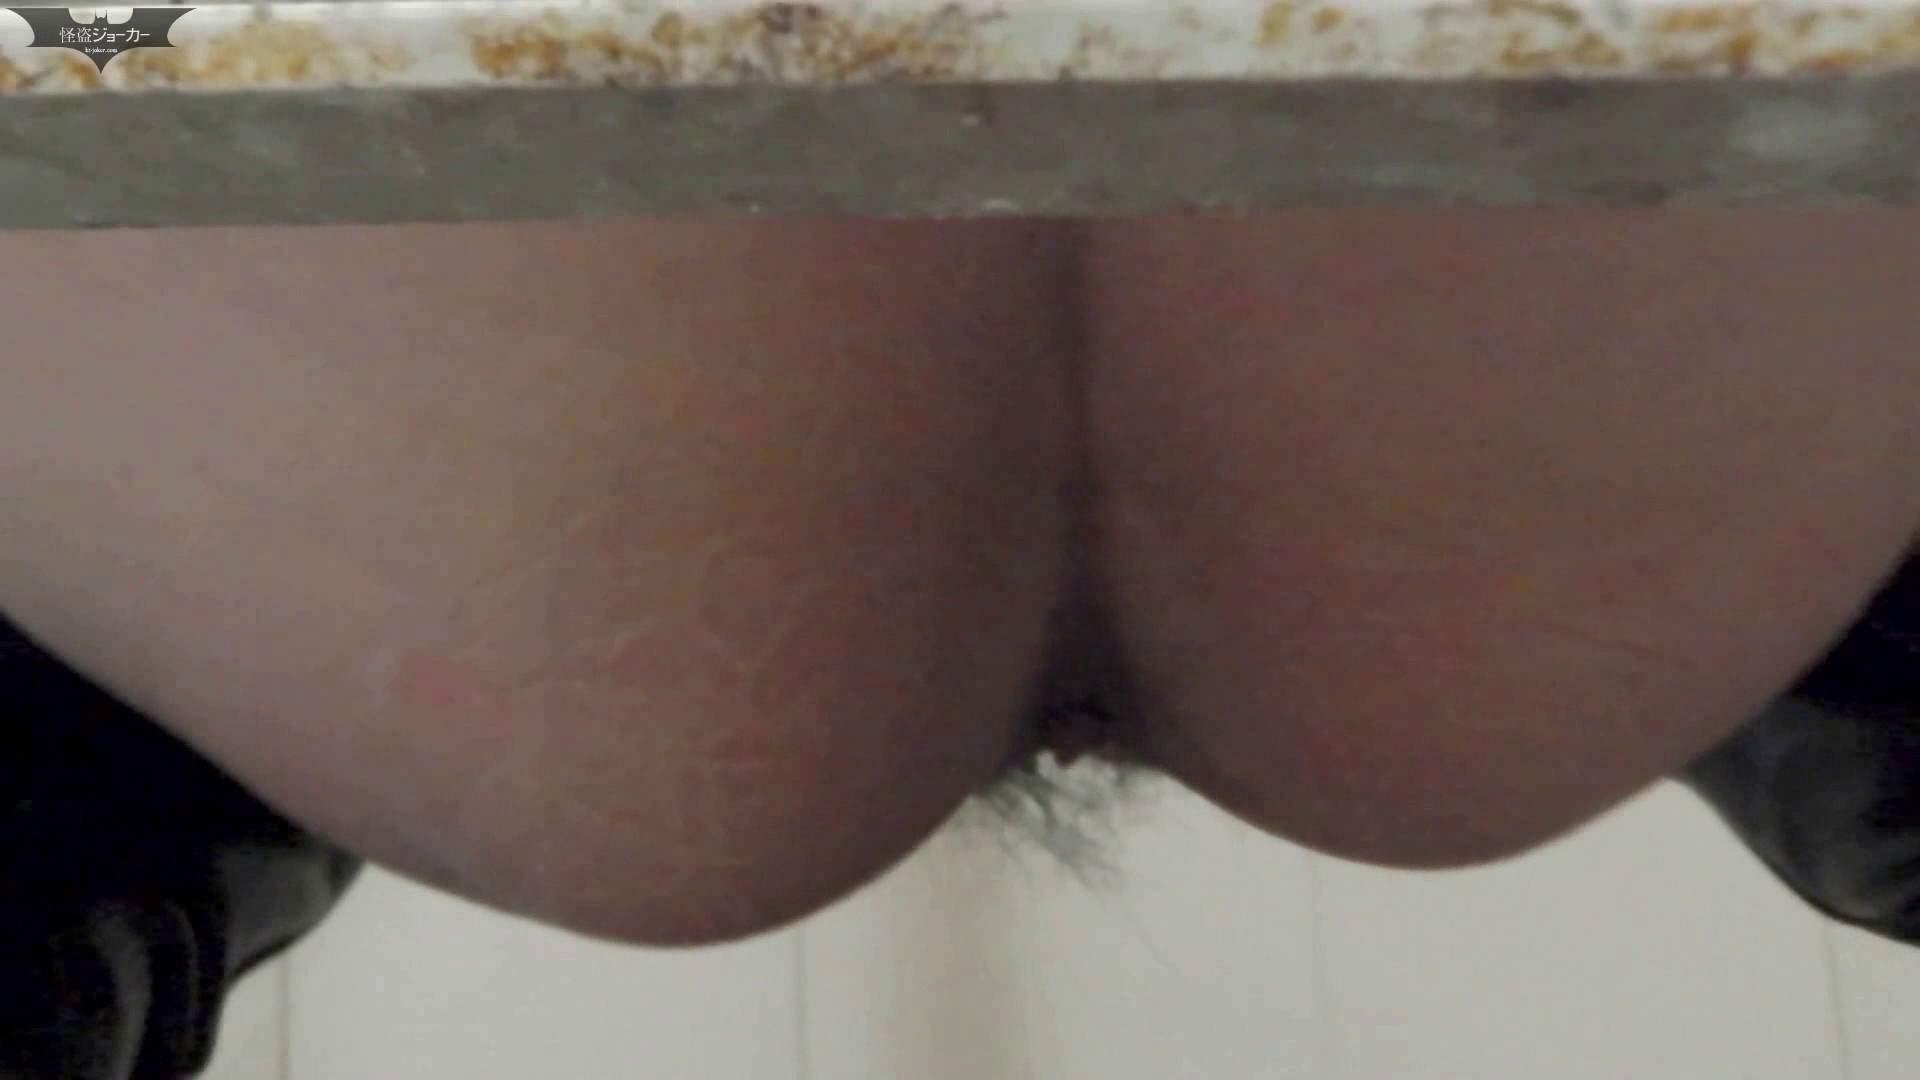 Vol.06 ピチピチが入室きめ細かくマッシュルームのような肌に癒される お姉さん攻略 ぱこり動画紹介 104画像 80